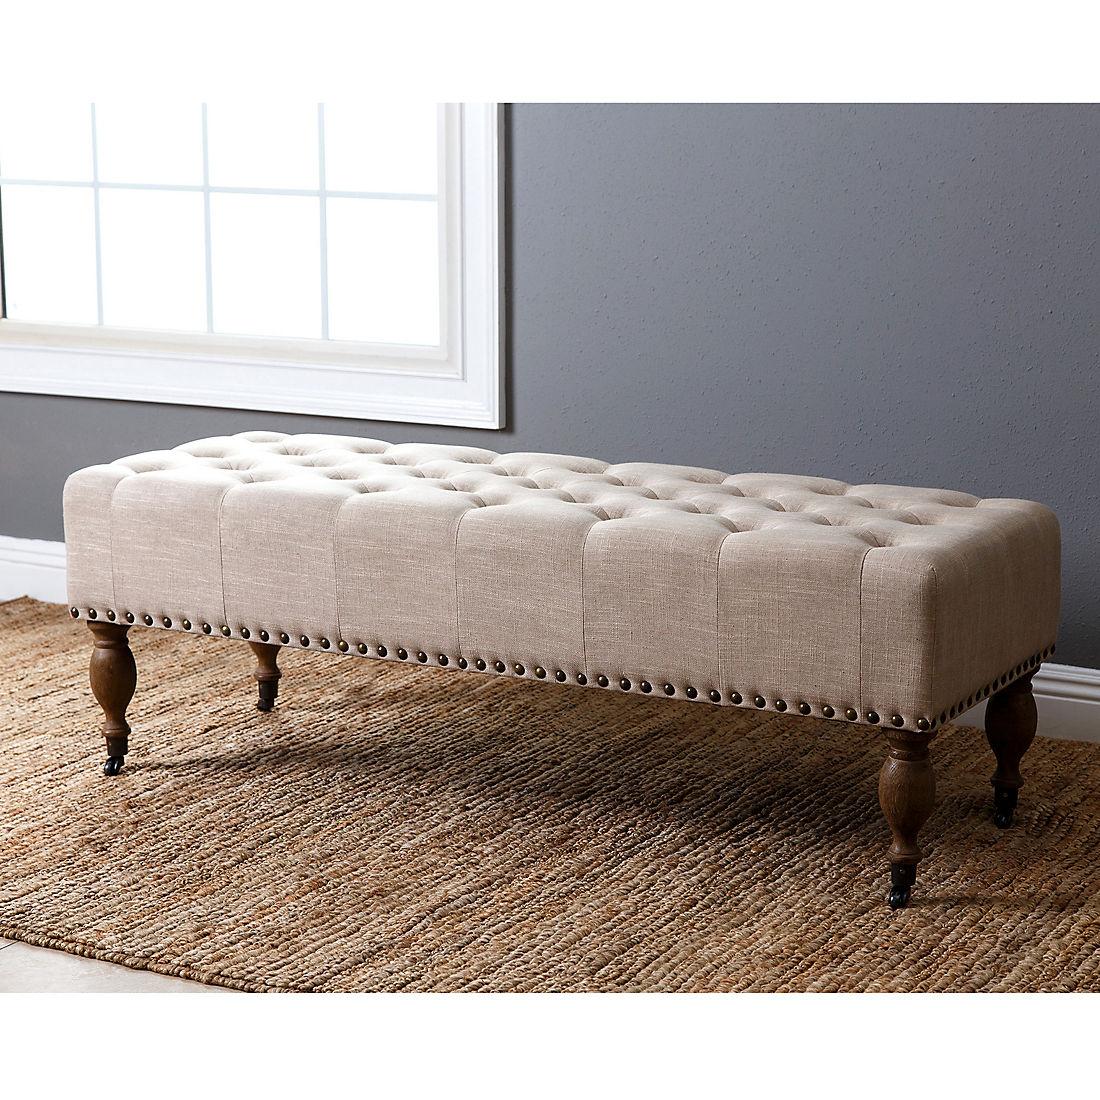 Fabulous Abbyson Living Clarissa Linen Ottoman Bench Wheat Uwap Interior Chair Design Uwaporg